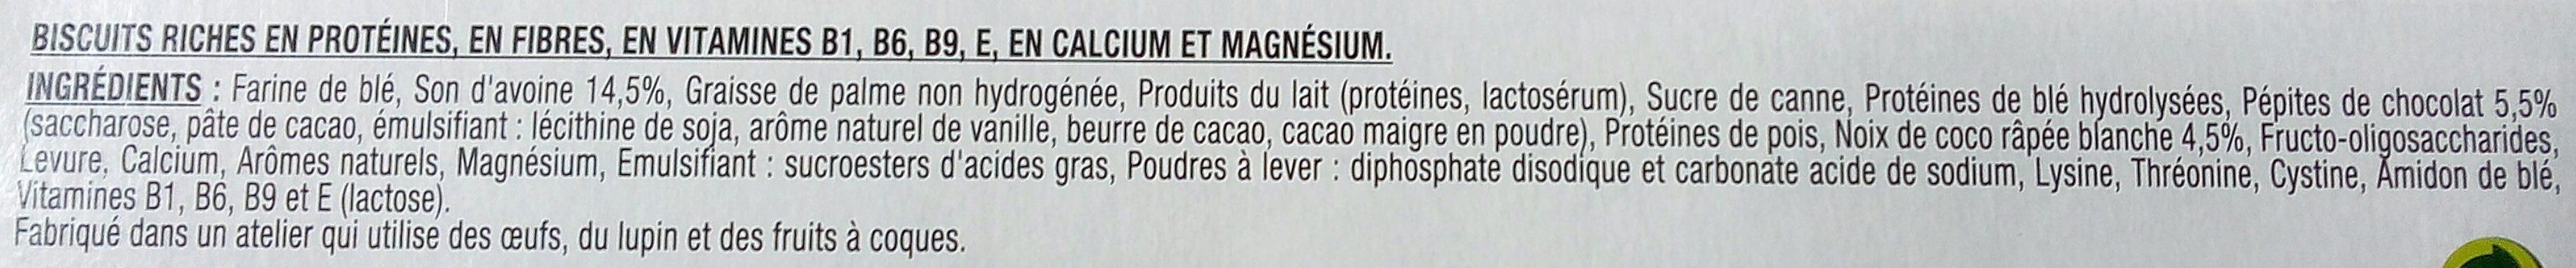 Biscuit diététique au son d'avoine Gerlinéa - Ingrédients - fr